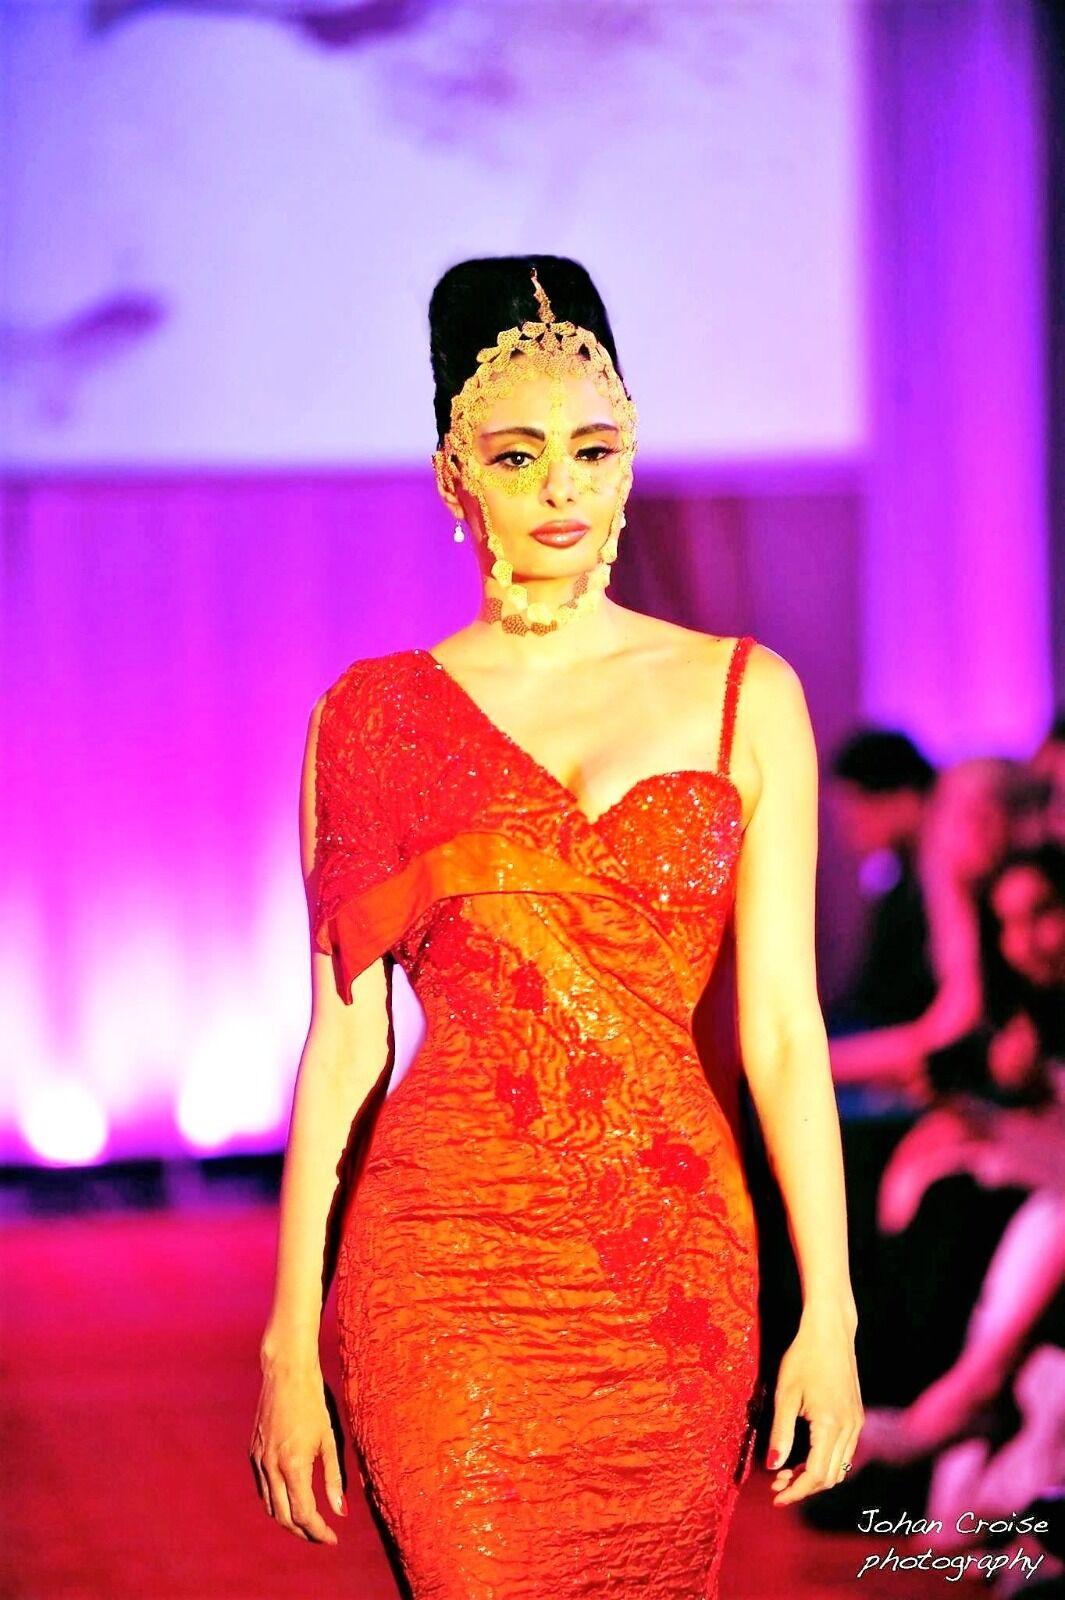 Cannes Fashion Festival - Fatema Ismaeil